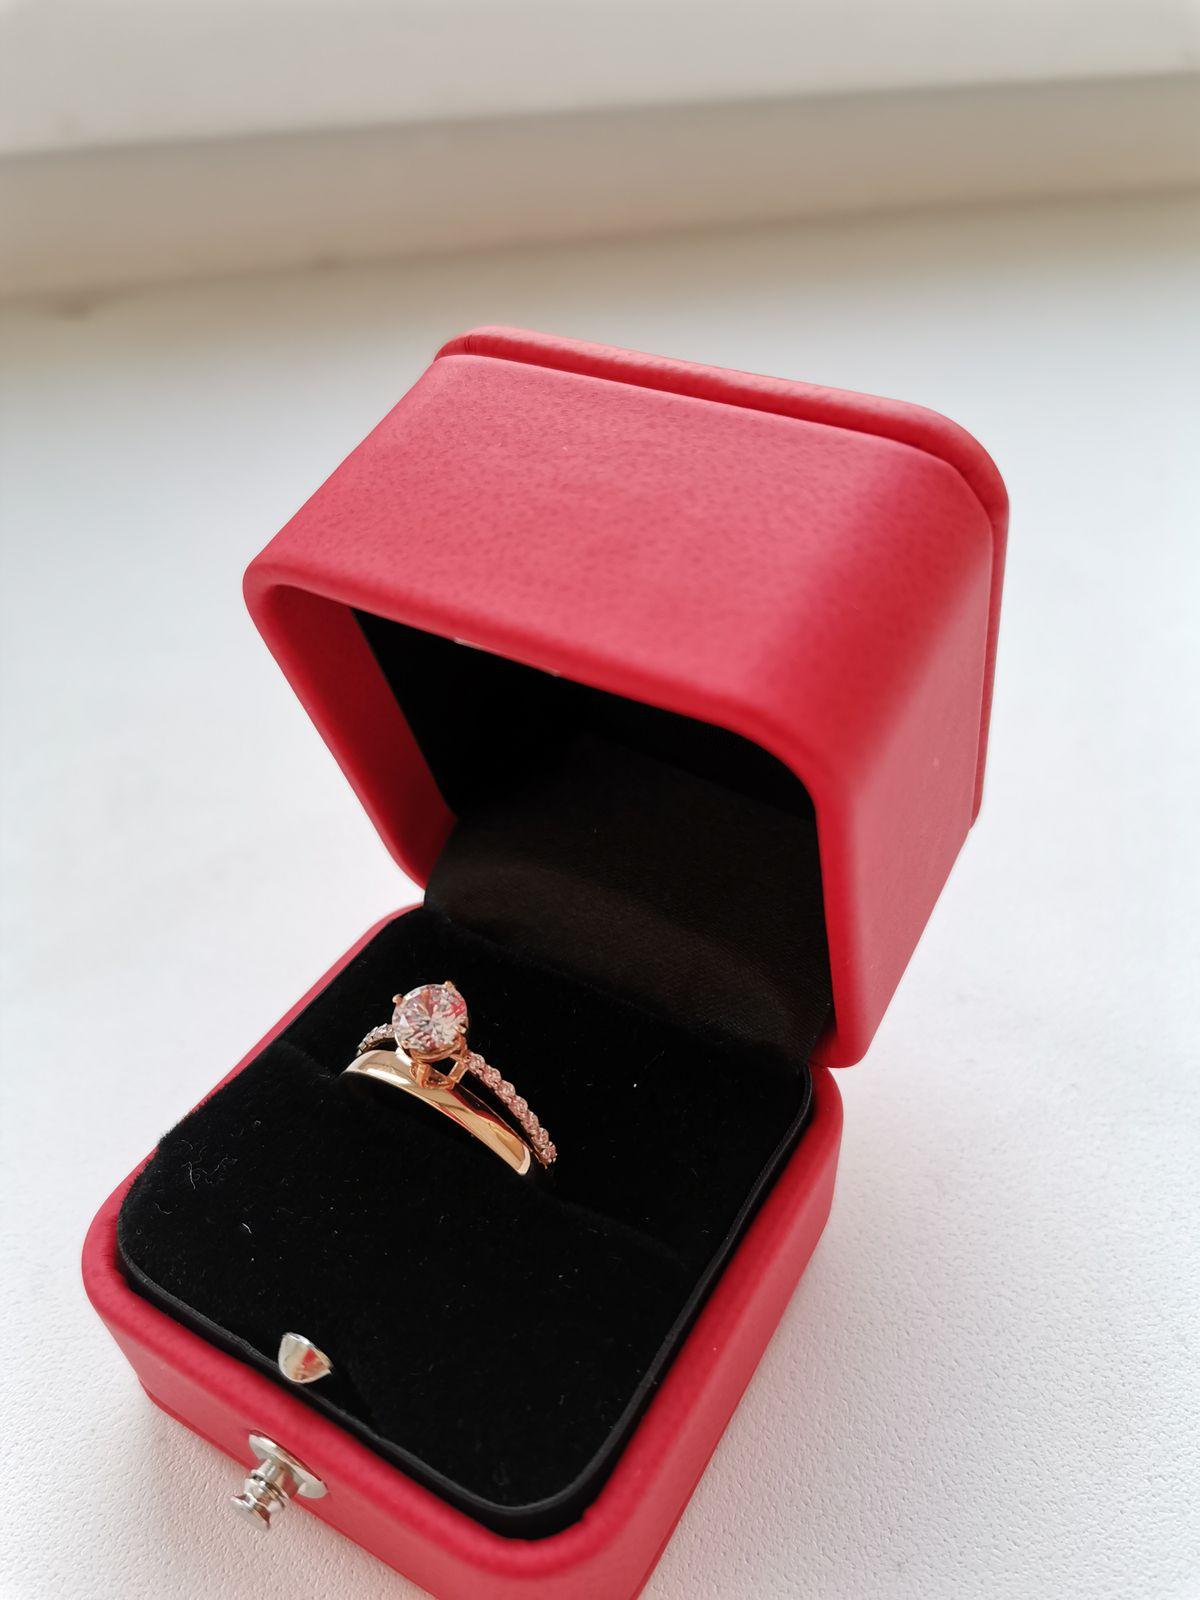 Купила для себя кольцо, оно восхитительное🤩 еще и подарки подарили🌹